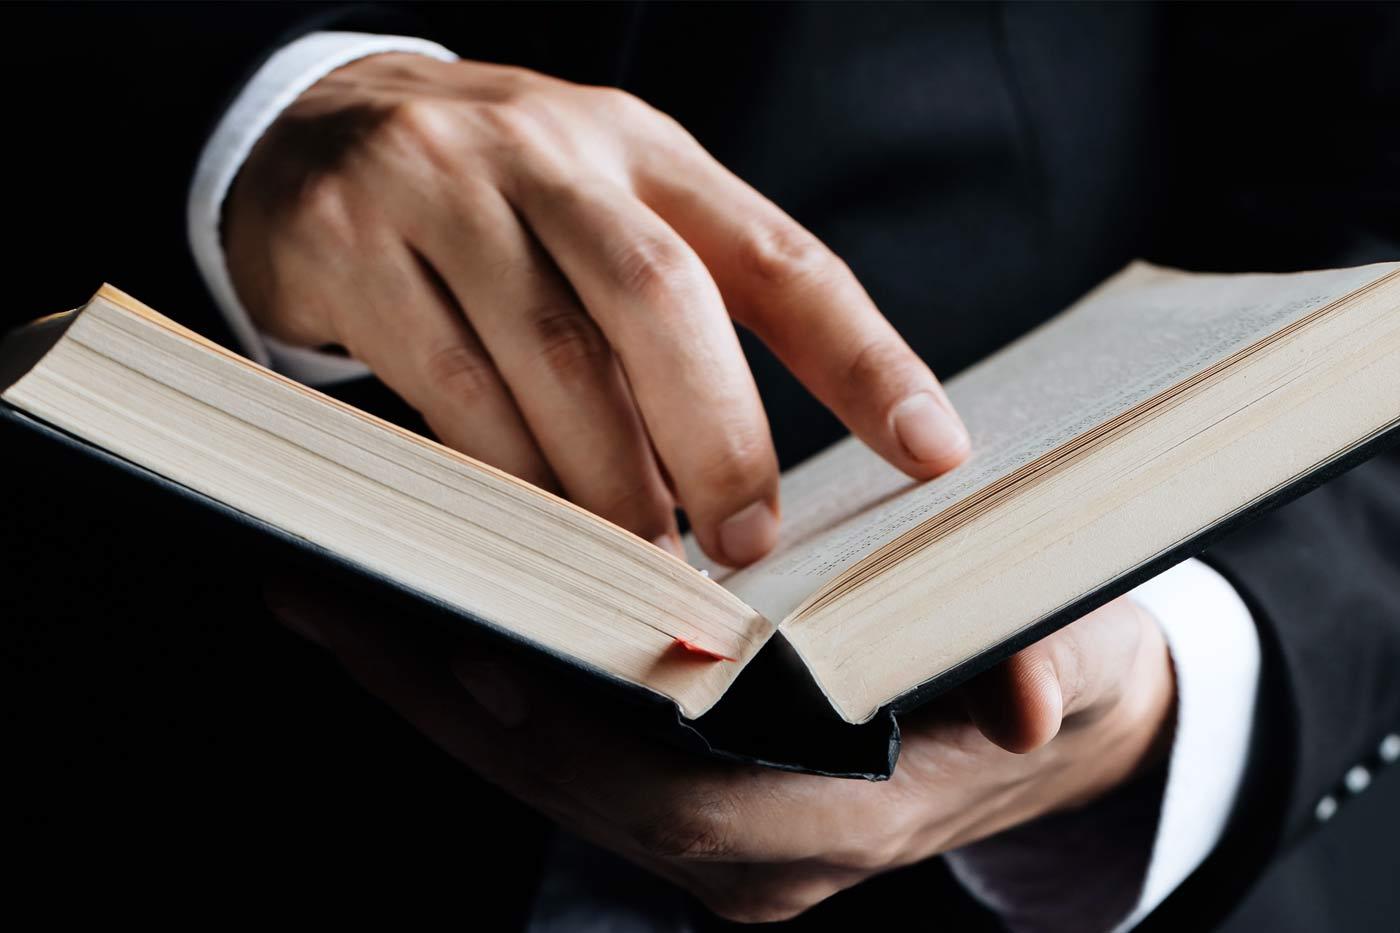 Τι σημαίνει φιλότιμος. Πως μεταφράζεται στα Αγγλικά;